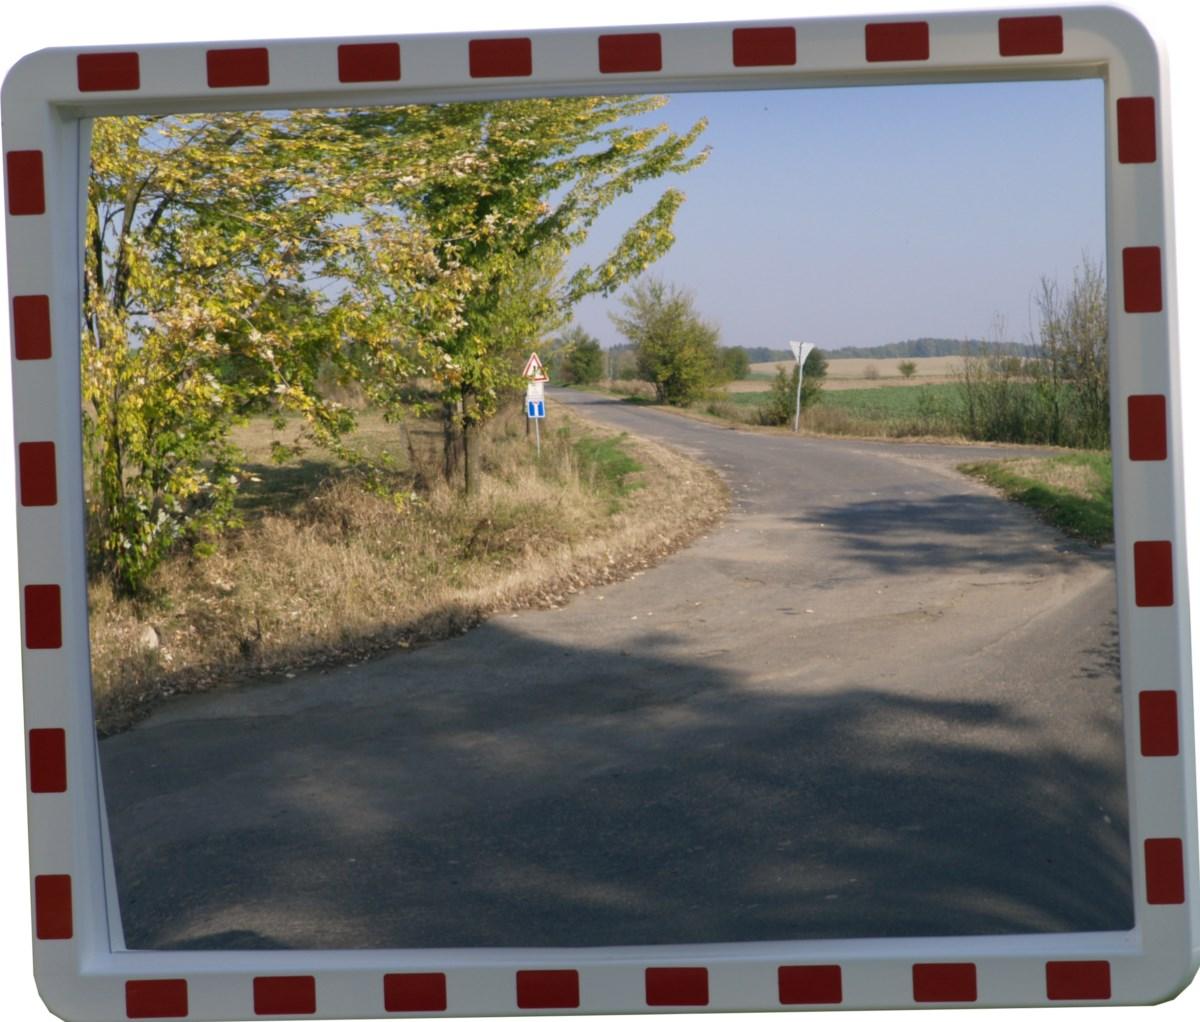 Dopravní zrcadlo obdélníkové 1000 x 800 mm